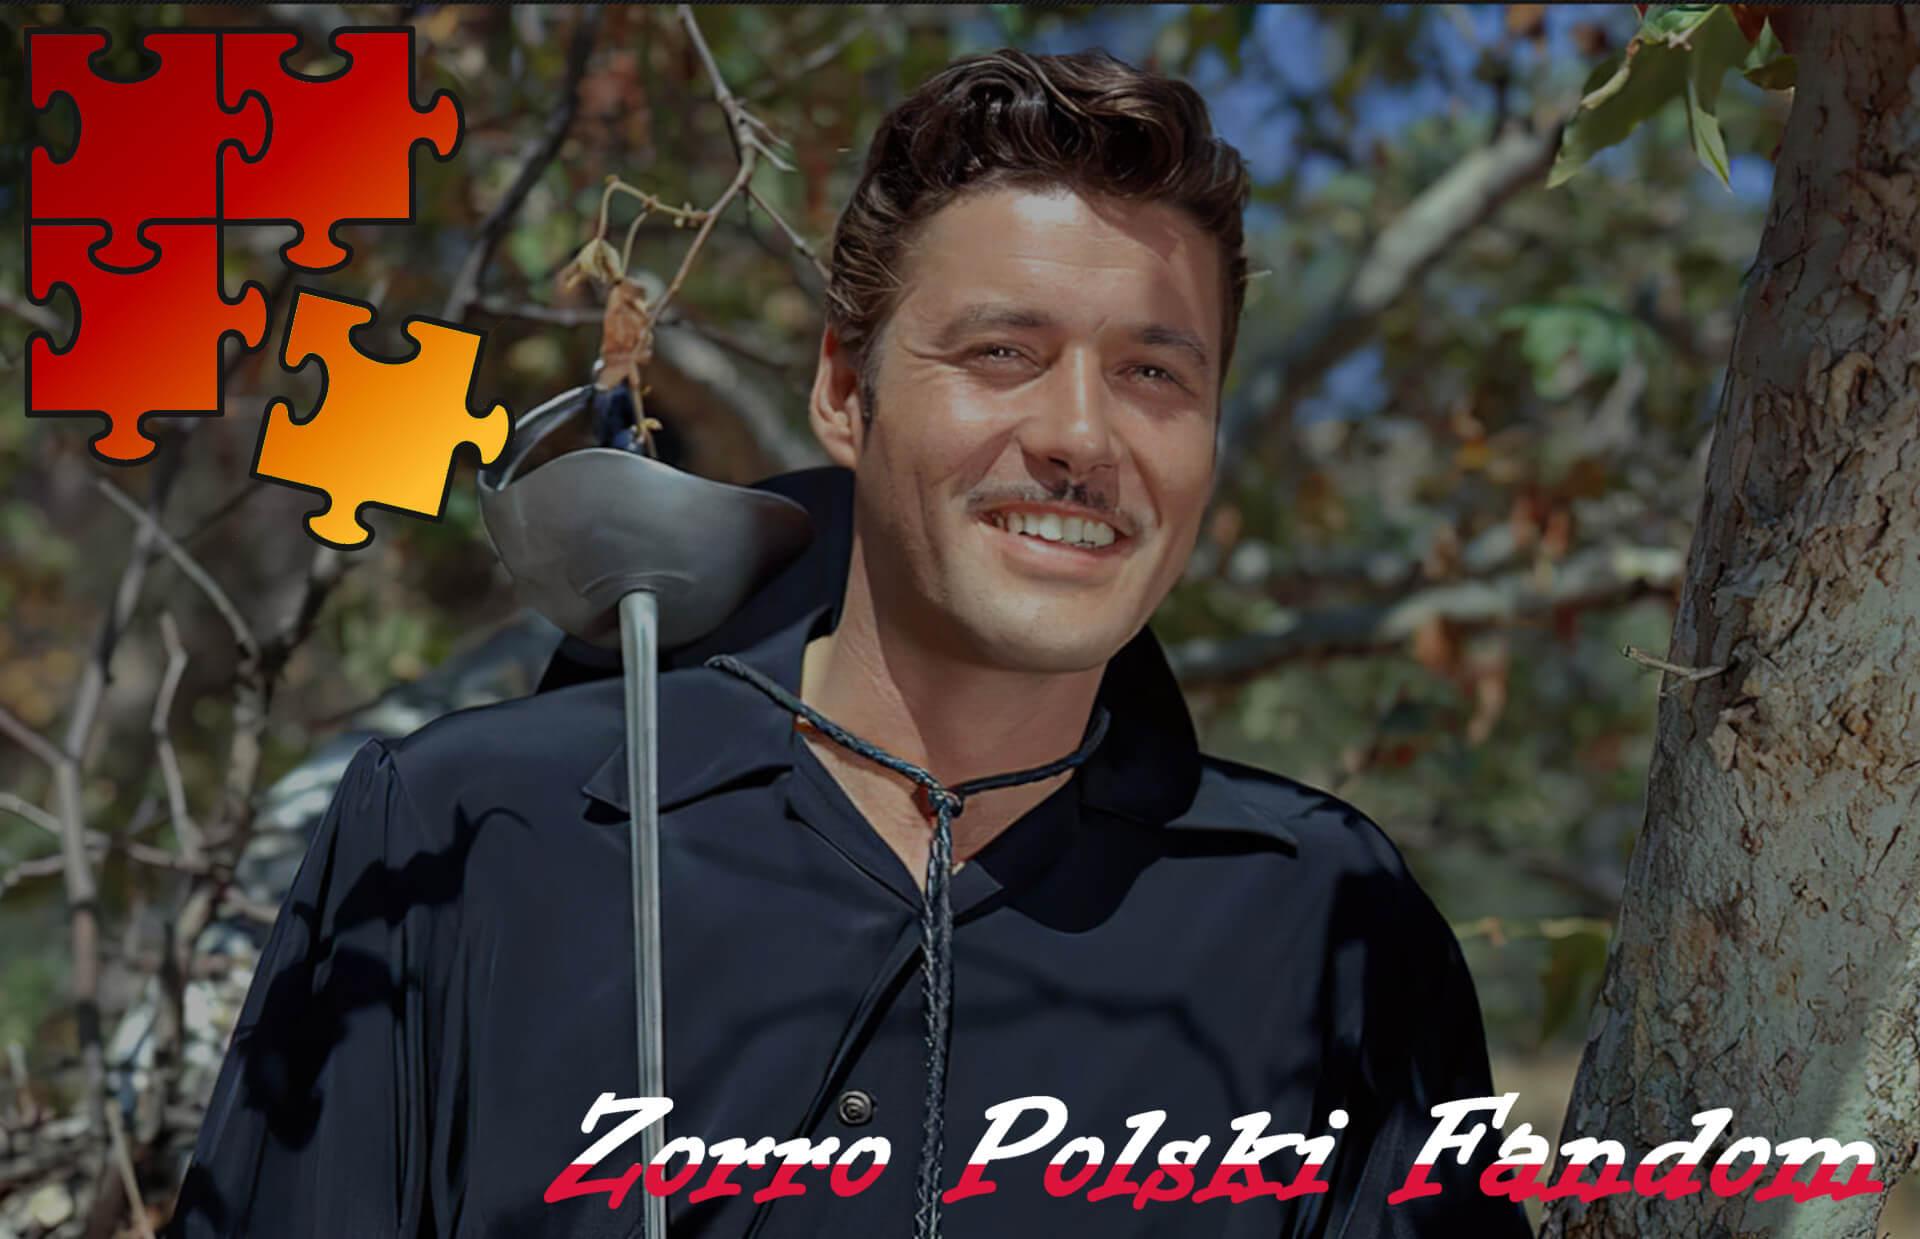 Jigsaw Puzzle Zorro Walt Disney Zorro - Zorro bez maski ENG